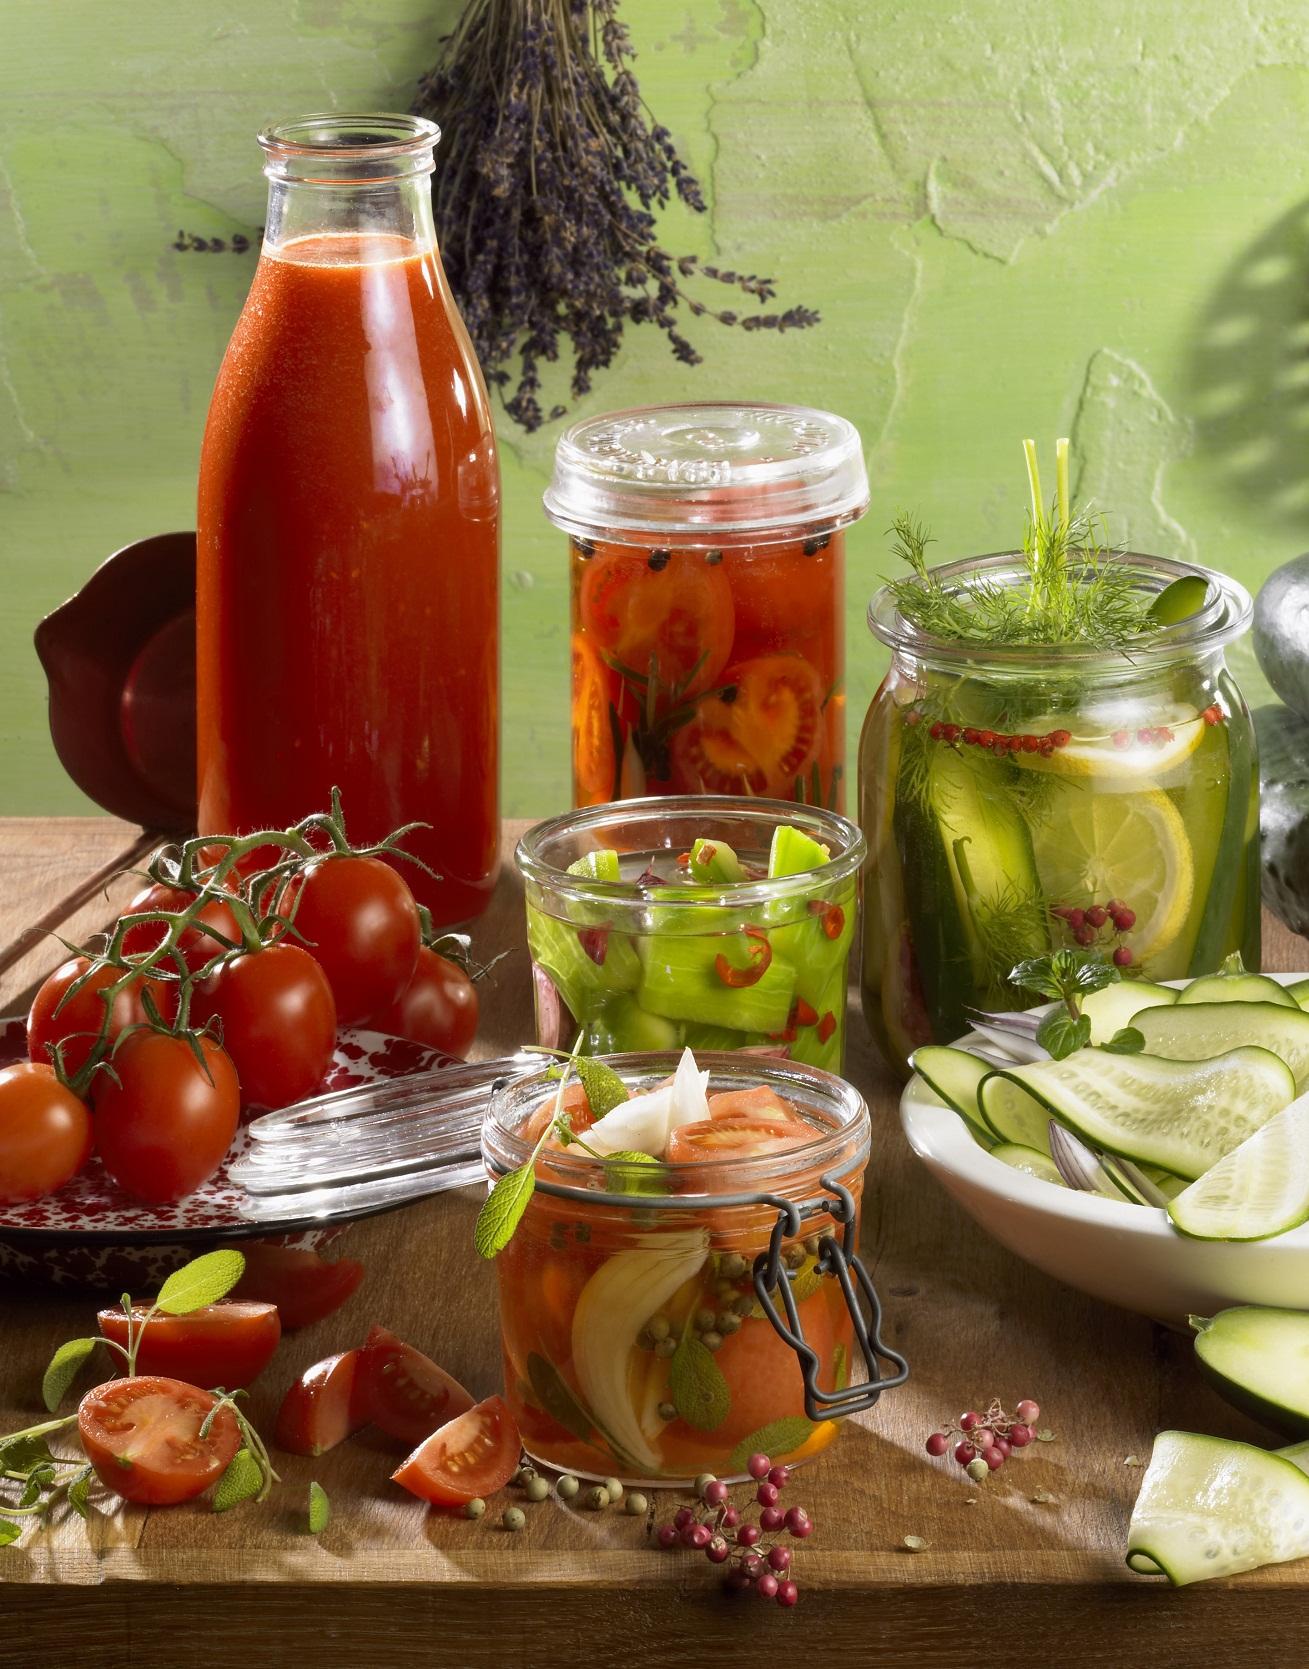 Необычные заготовки на зиму рецепты овощно фруктовые